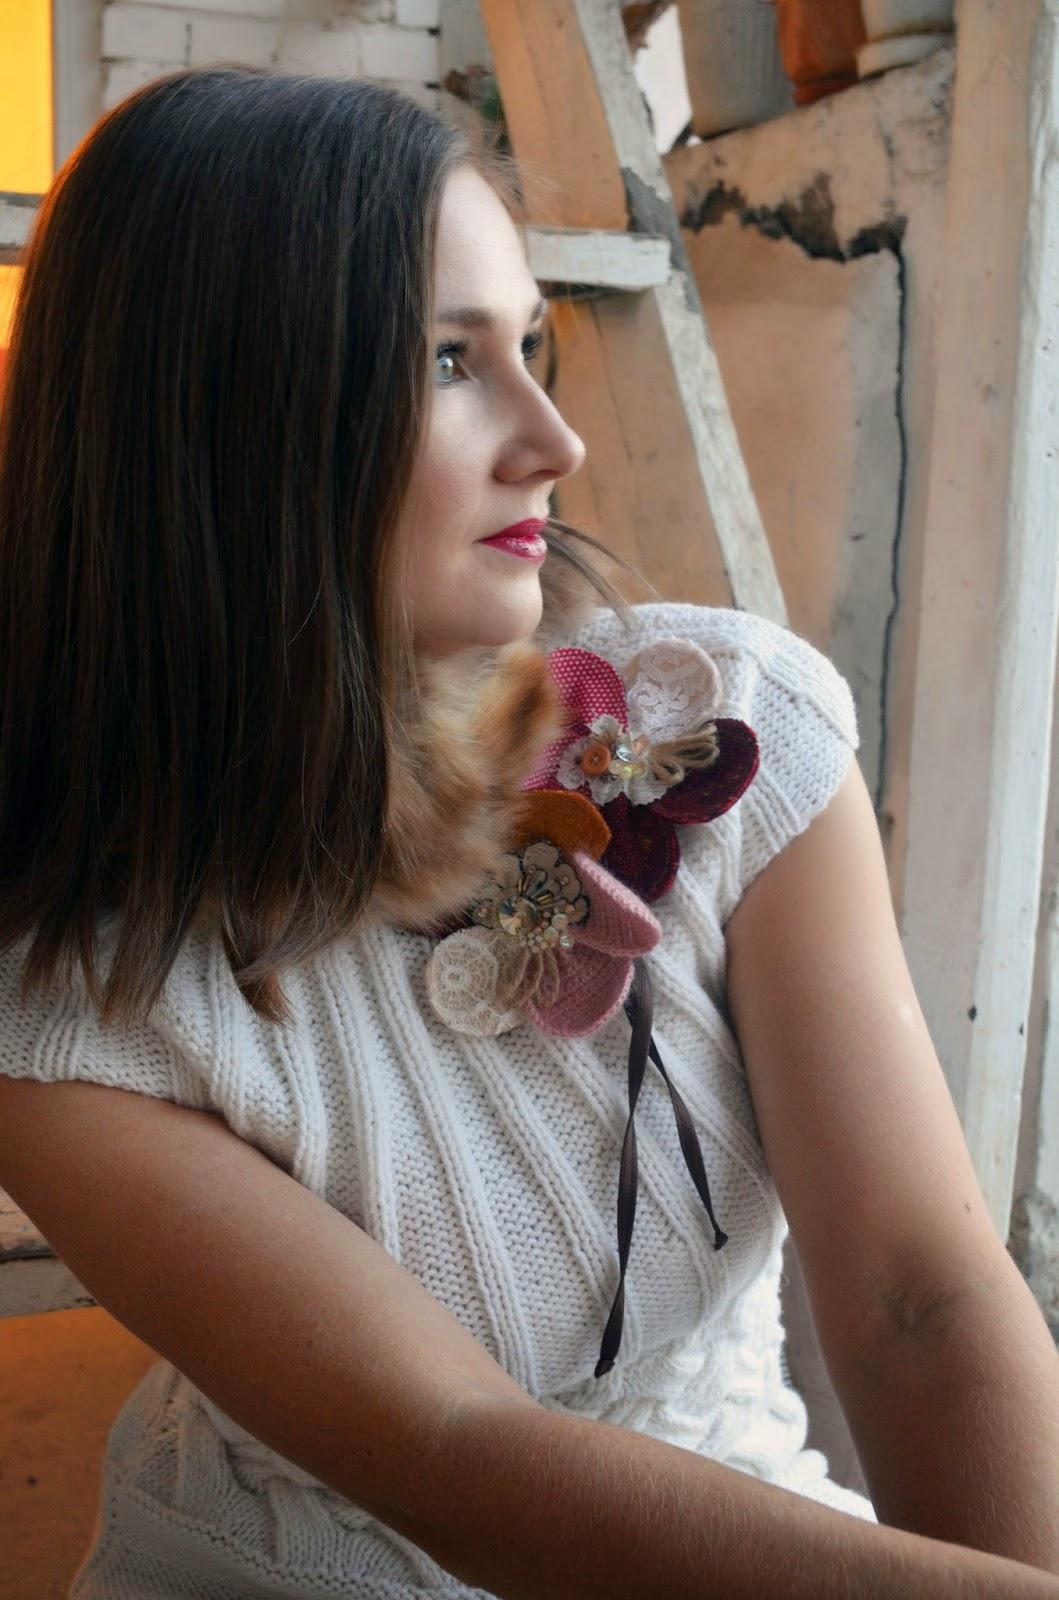 цветок, цветы, брошь, вязаное платье, красивая девушка